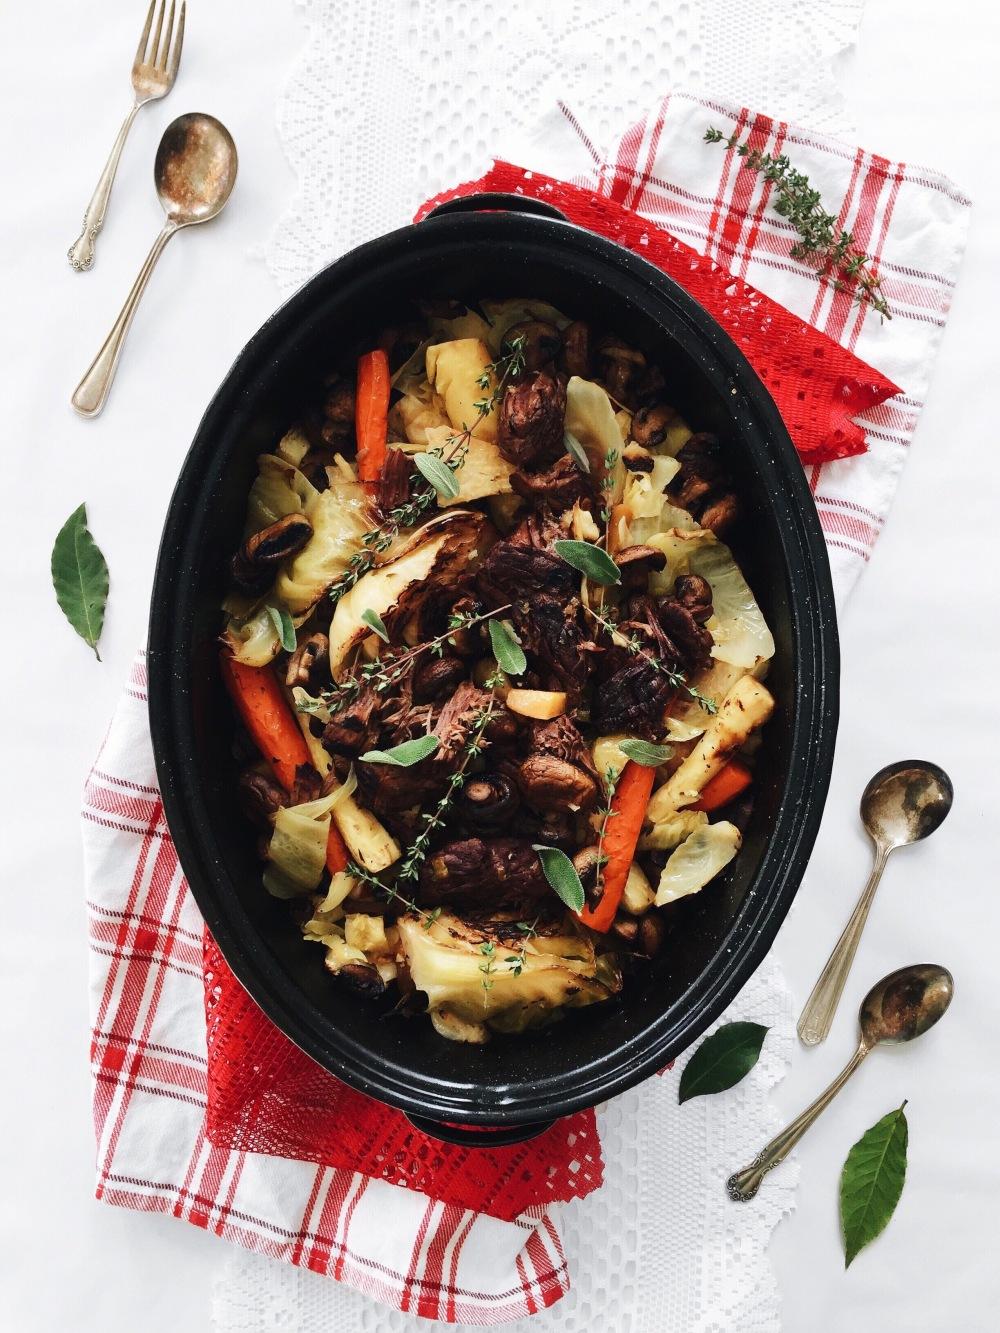 Boeuf braisé au vin rouge, à la moutarde et à l'érable, légumes d'hiver et champignons rôtis